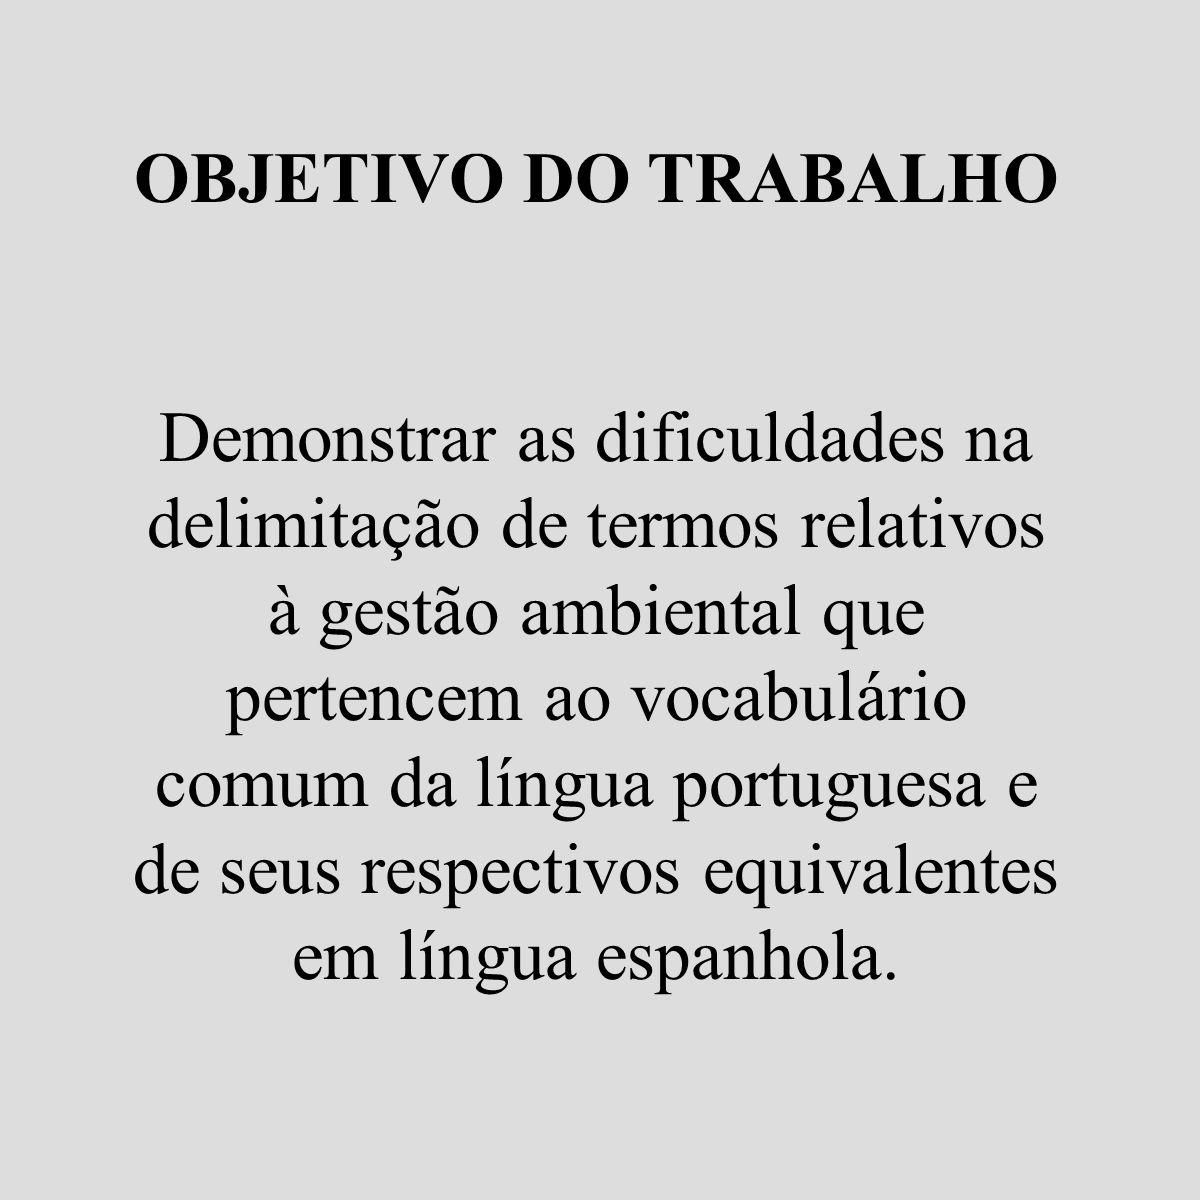 OBJETIVO DO TRABALHO Demonstrar as dificuldades na delimitação de termos relativos à gestão ambiental que pertencem ao vocabulário comum da língua por